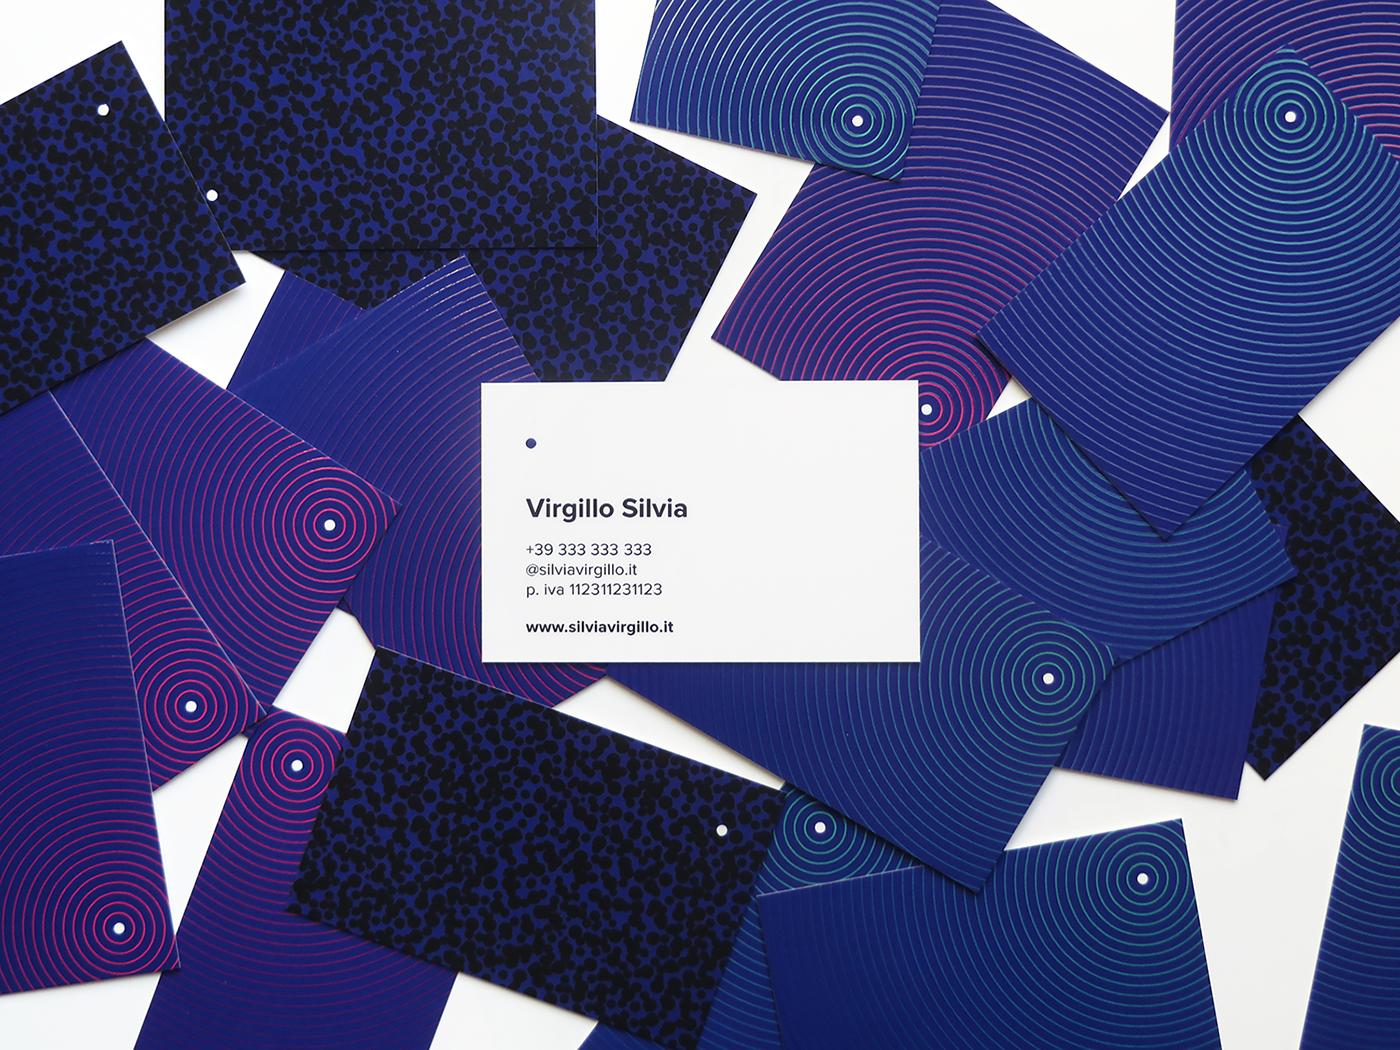 virgillo puntuale silvia virgillo business card BV Varnish UV coloured raised spot gloss